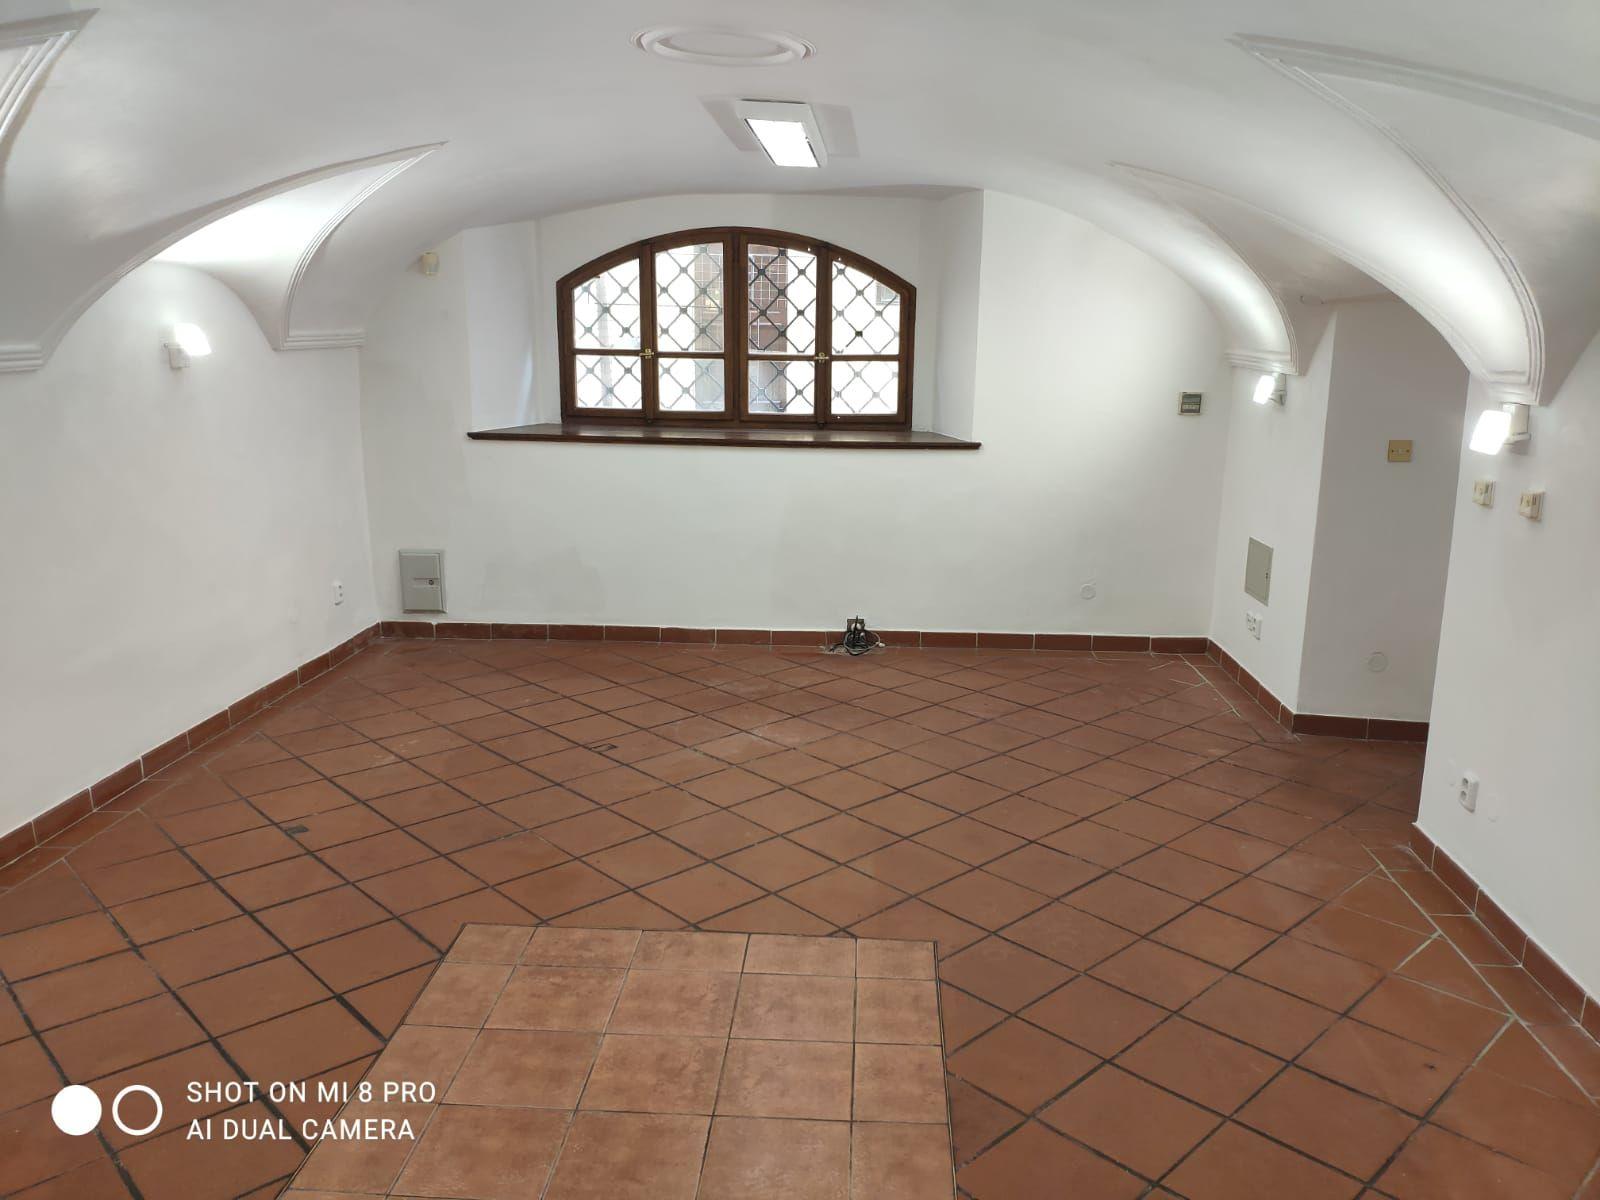 Pronájem prostoru 51 m2 v přízemí v centru Prahy 1